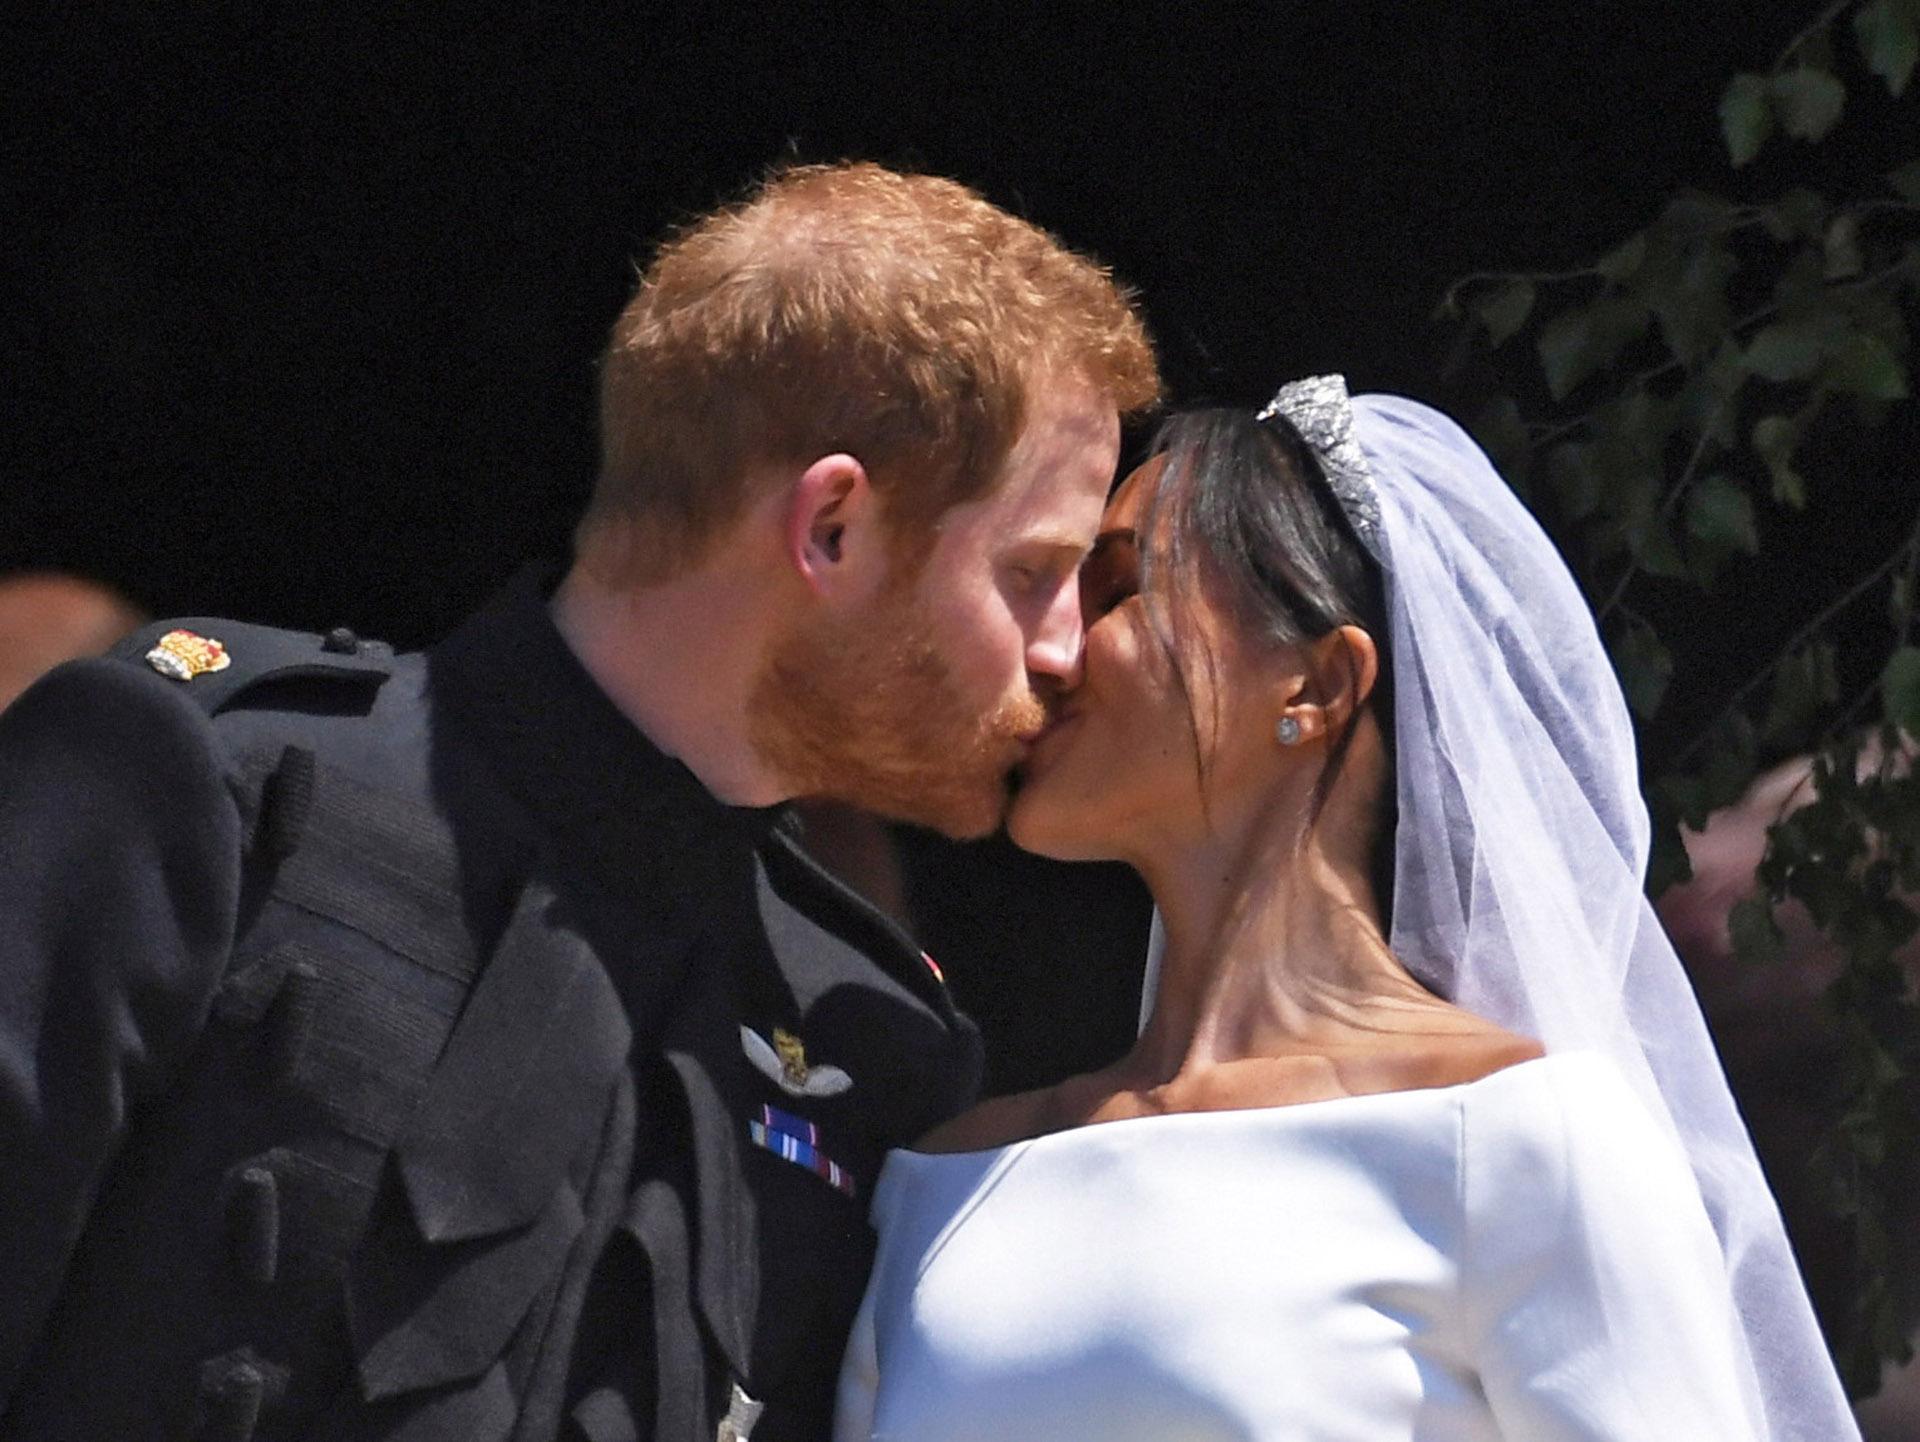 """""""Te ves increíble"""", le dijo el príncipe a Meghan Markle. Besos y ovación de los fans de la pareja que desde temprano se agolparon para aclamarlos (EFE)"""